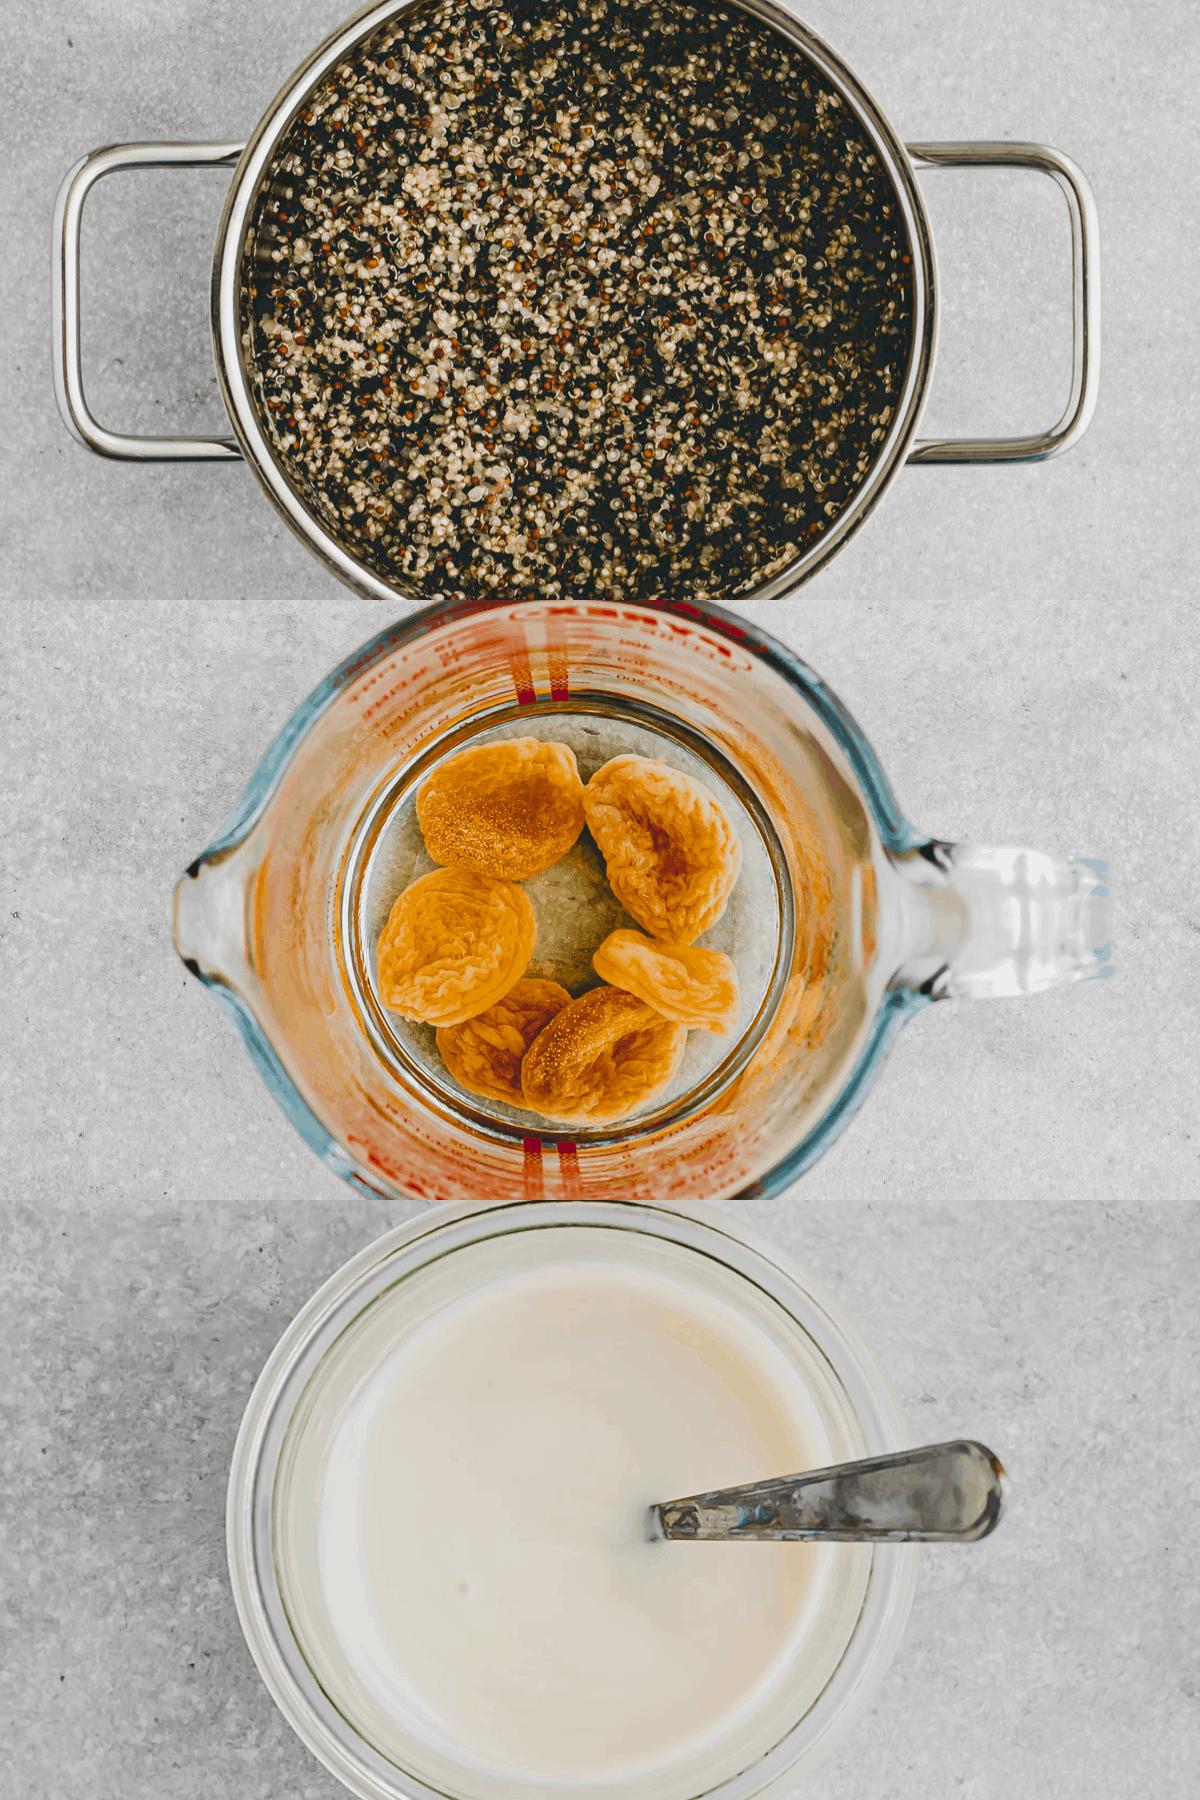 Sommer Quinoa Salat Rezept Schritt 4-6